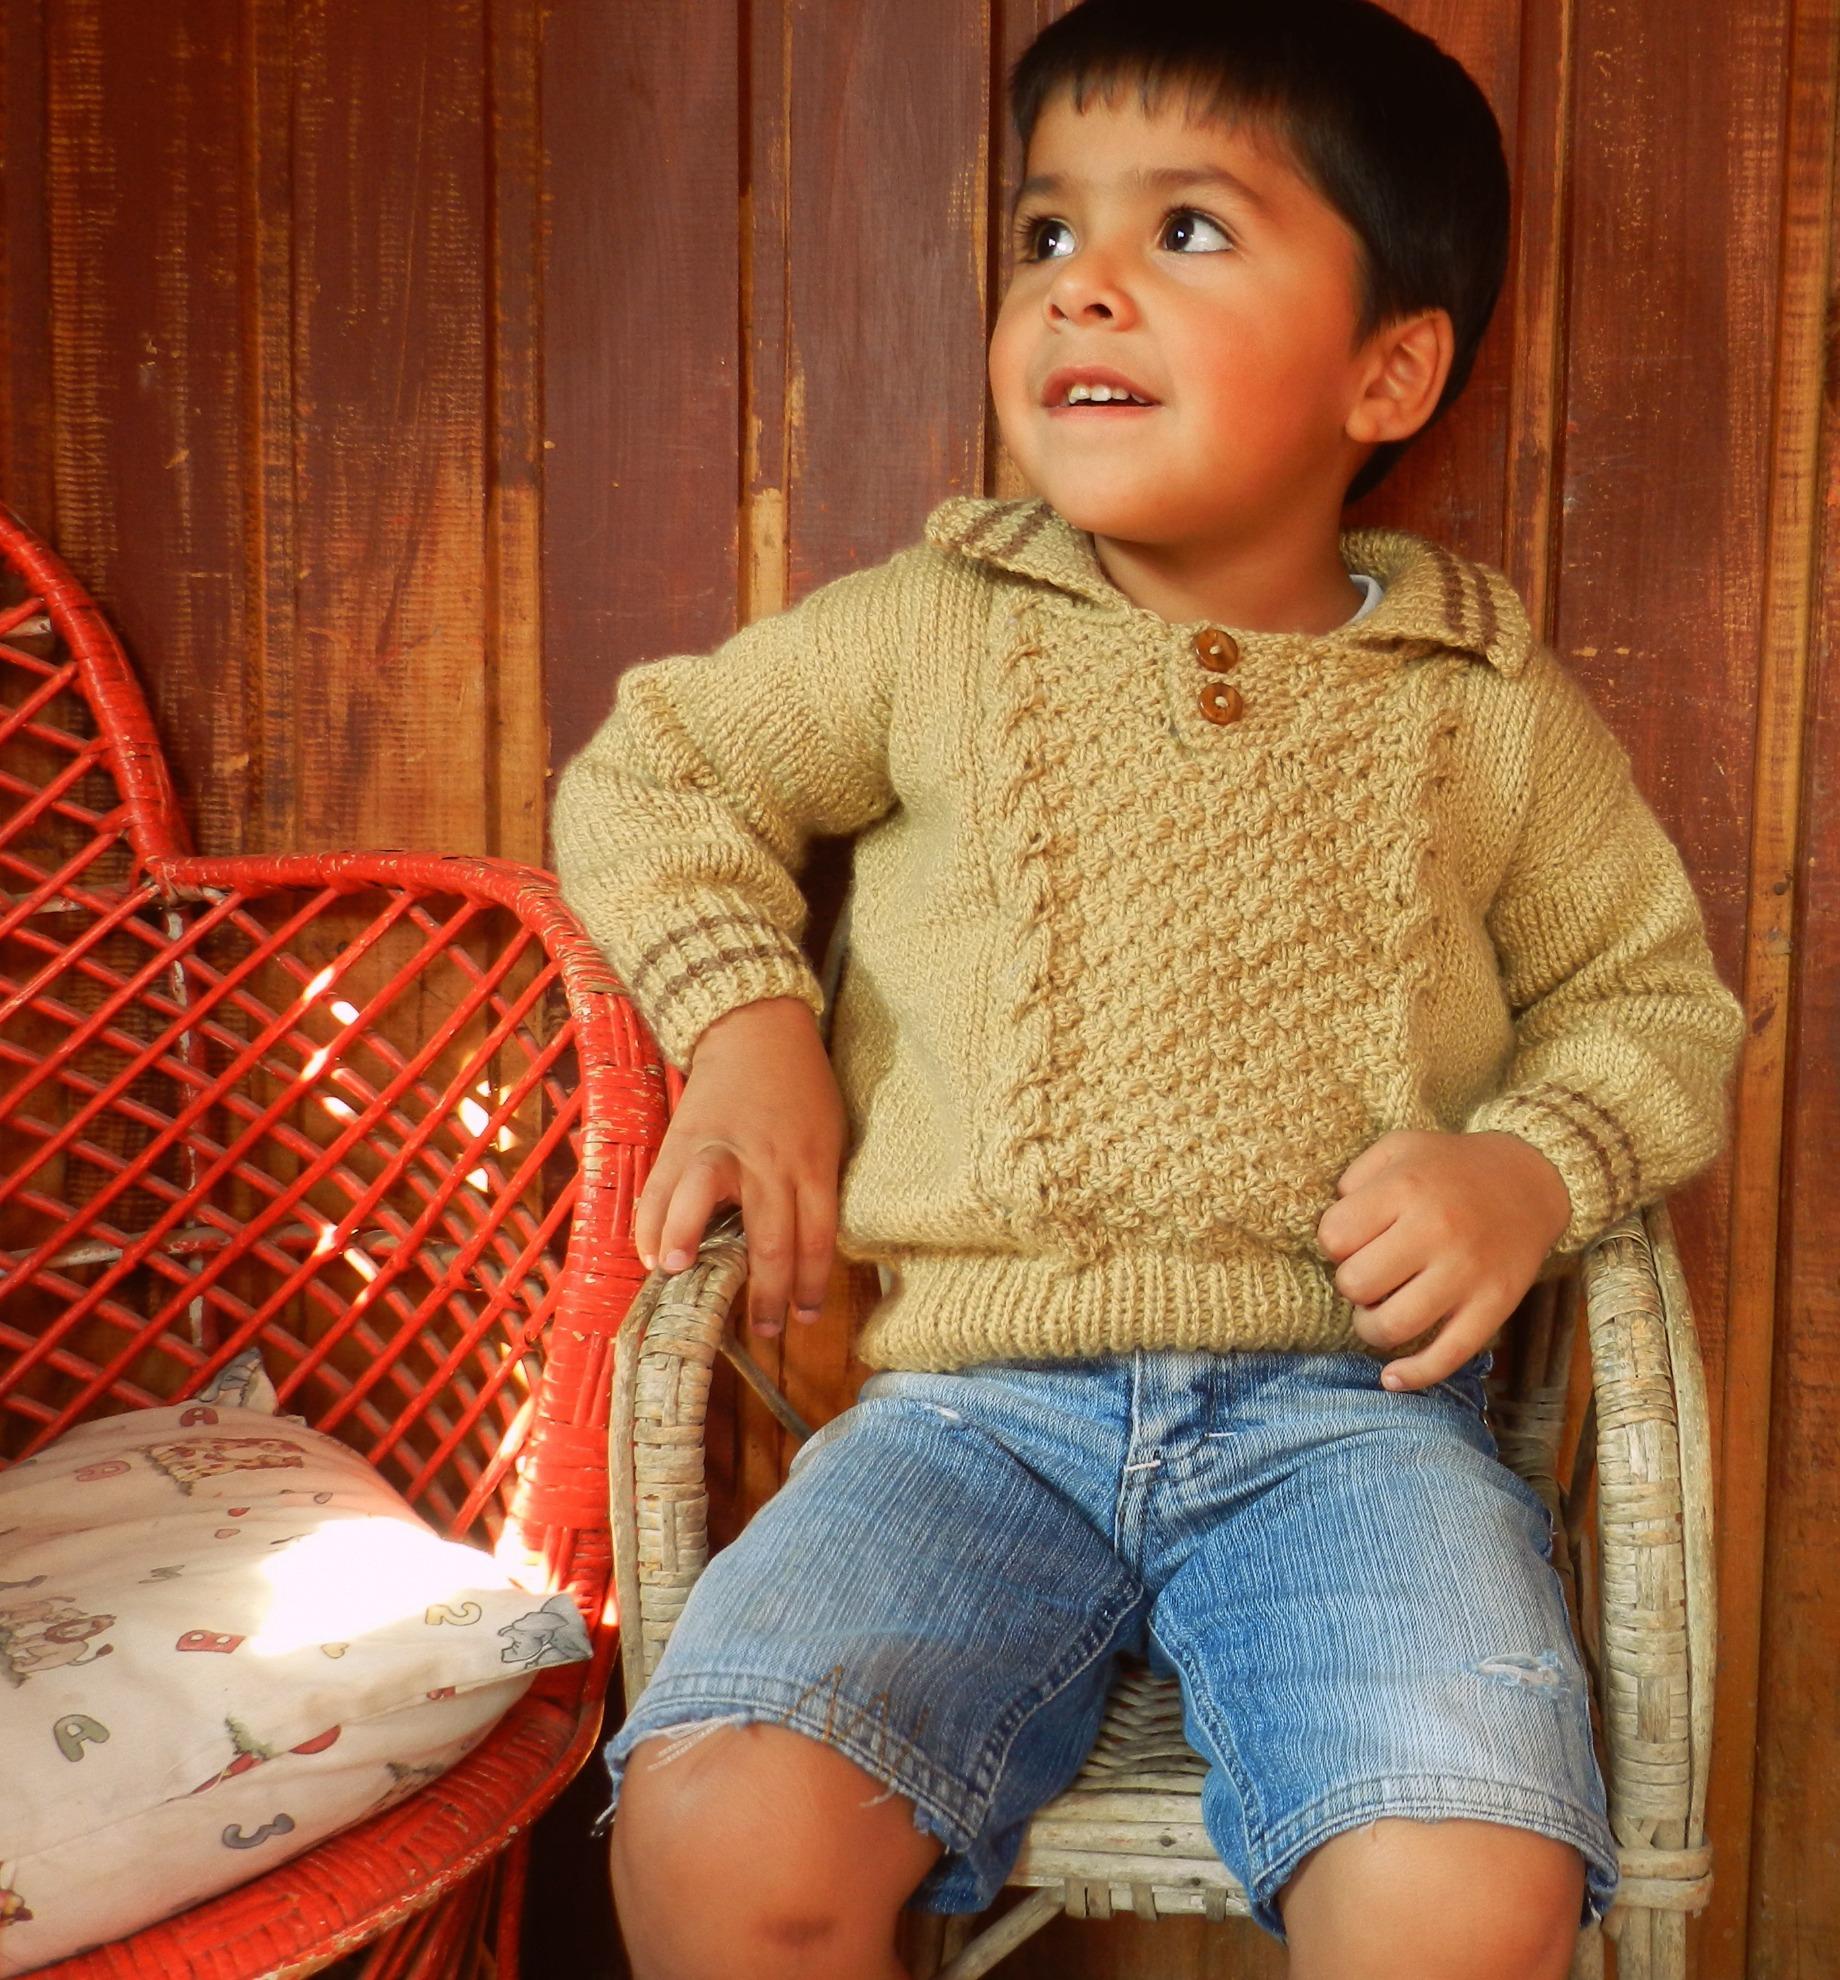 Chalequitos de lana para este invierno  a23325a6a44